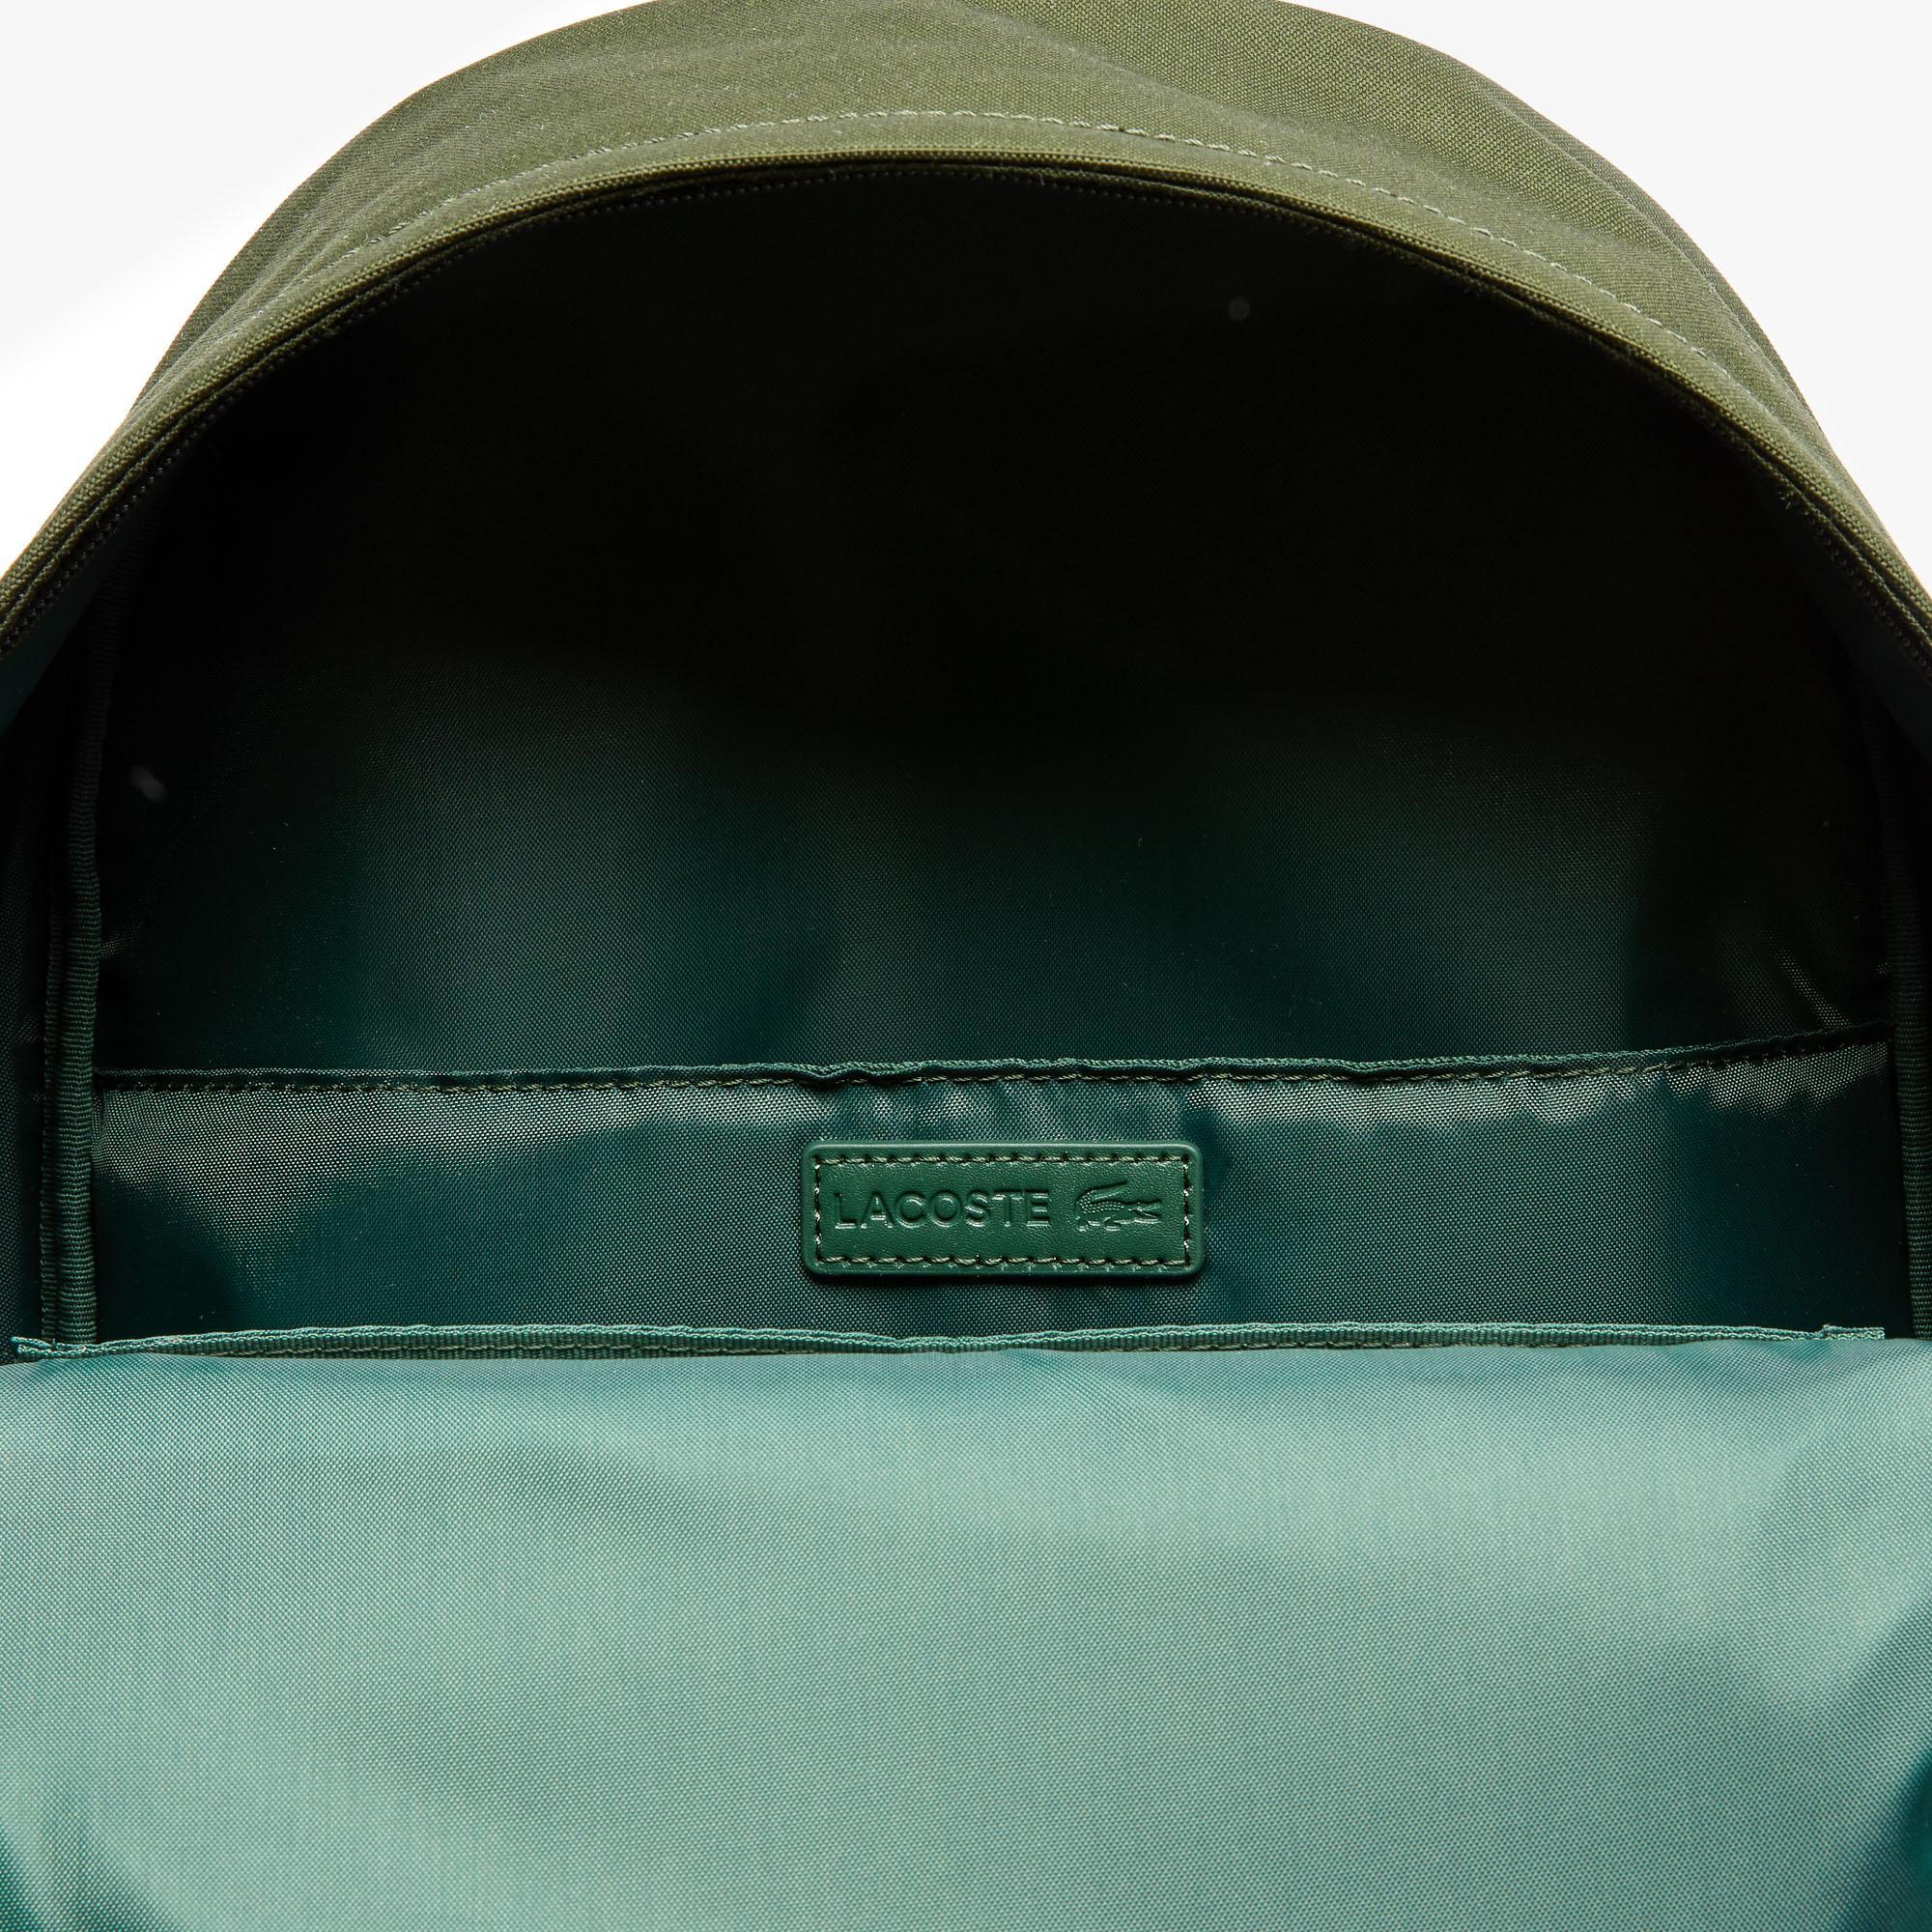 Lacoste Neocroc Erkek Yeşil Sırt Çantası